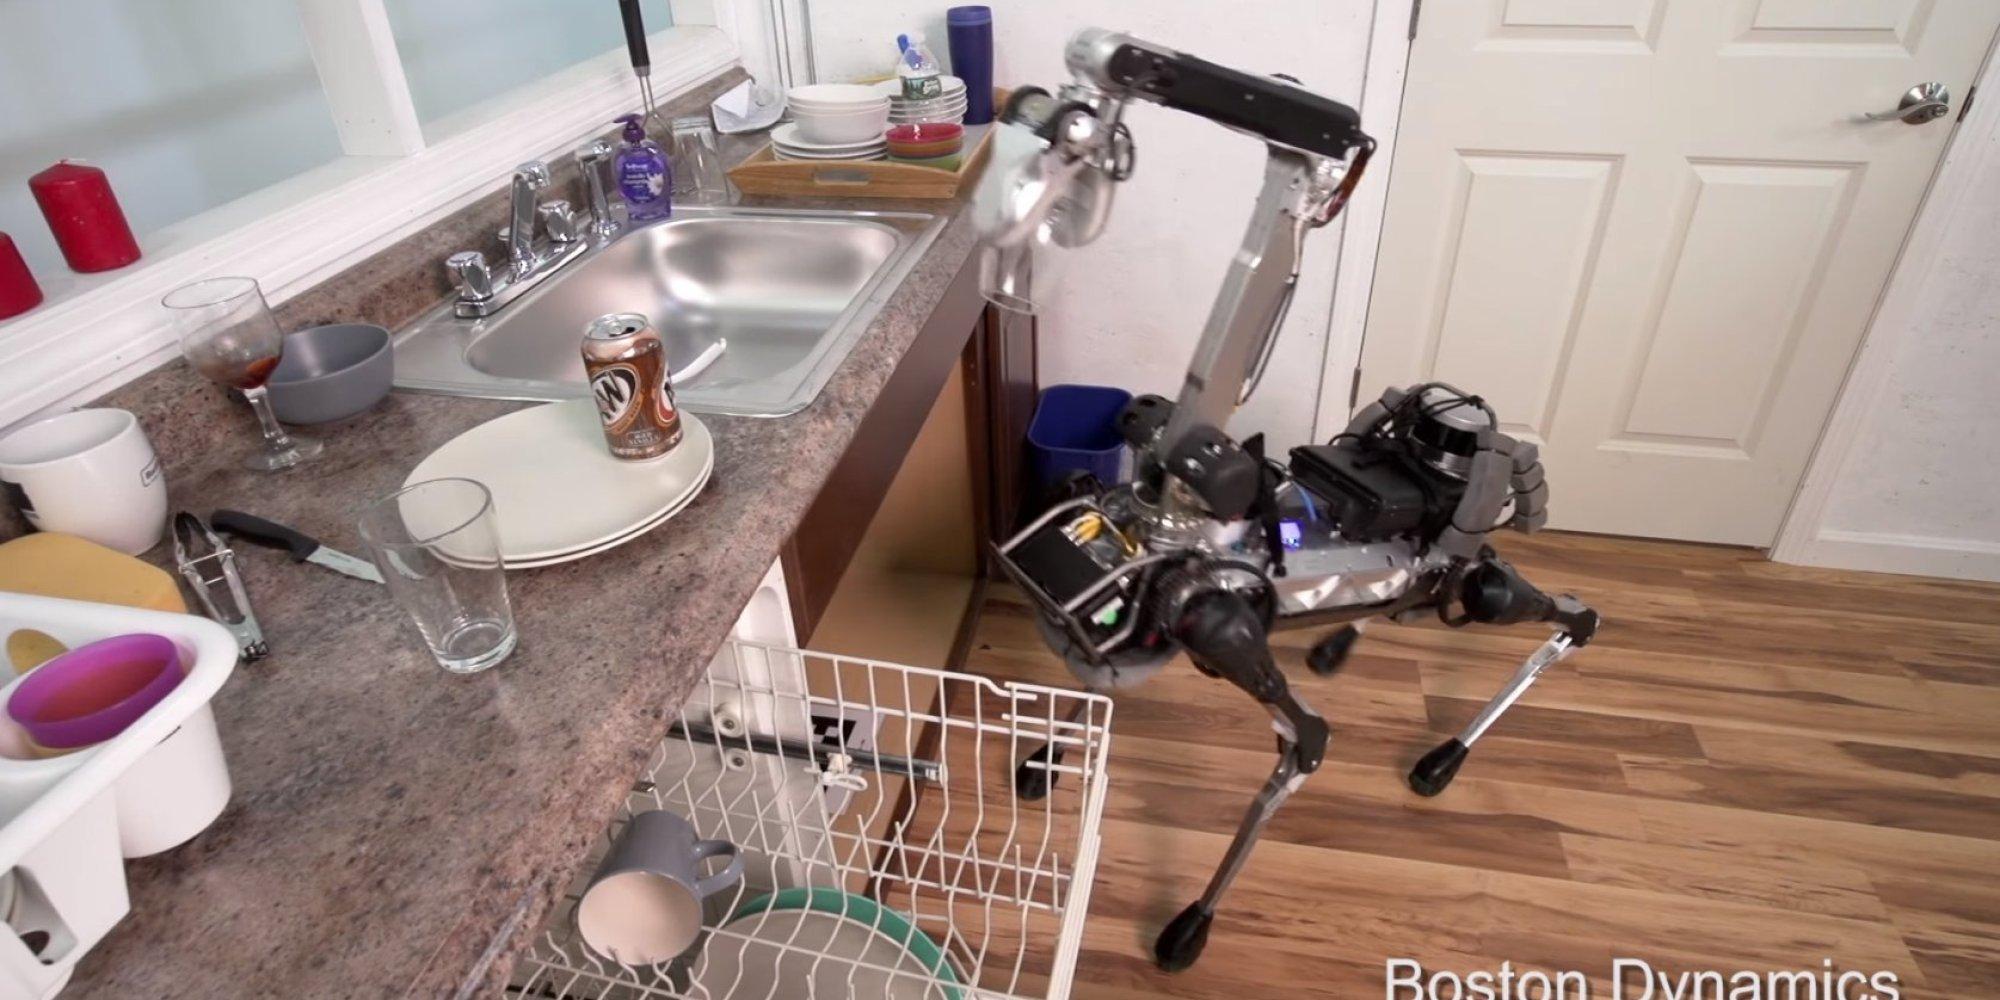 Google a un nouveau robot qui remplit le lave vaisselle et glisse sur des pea - Robot qui chauffe et mixe ...